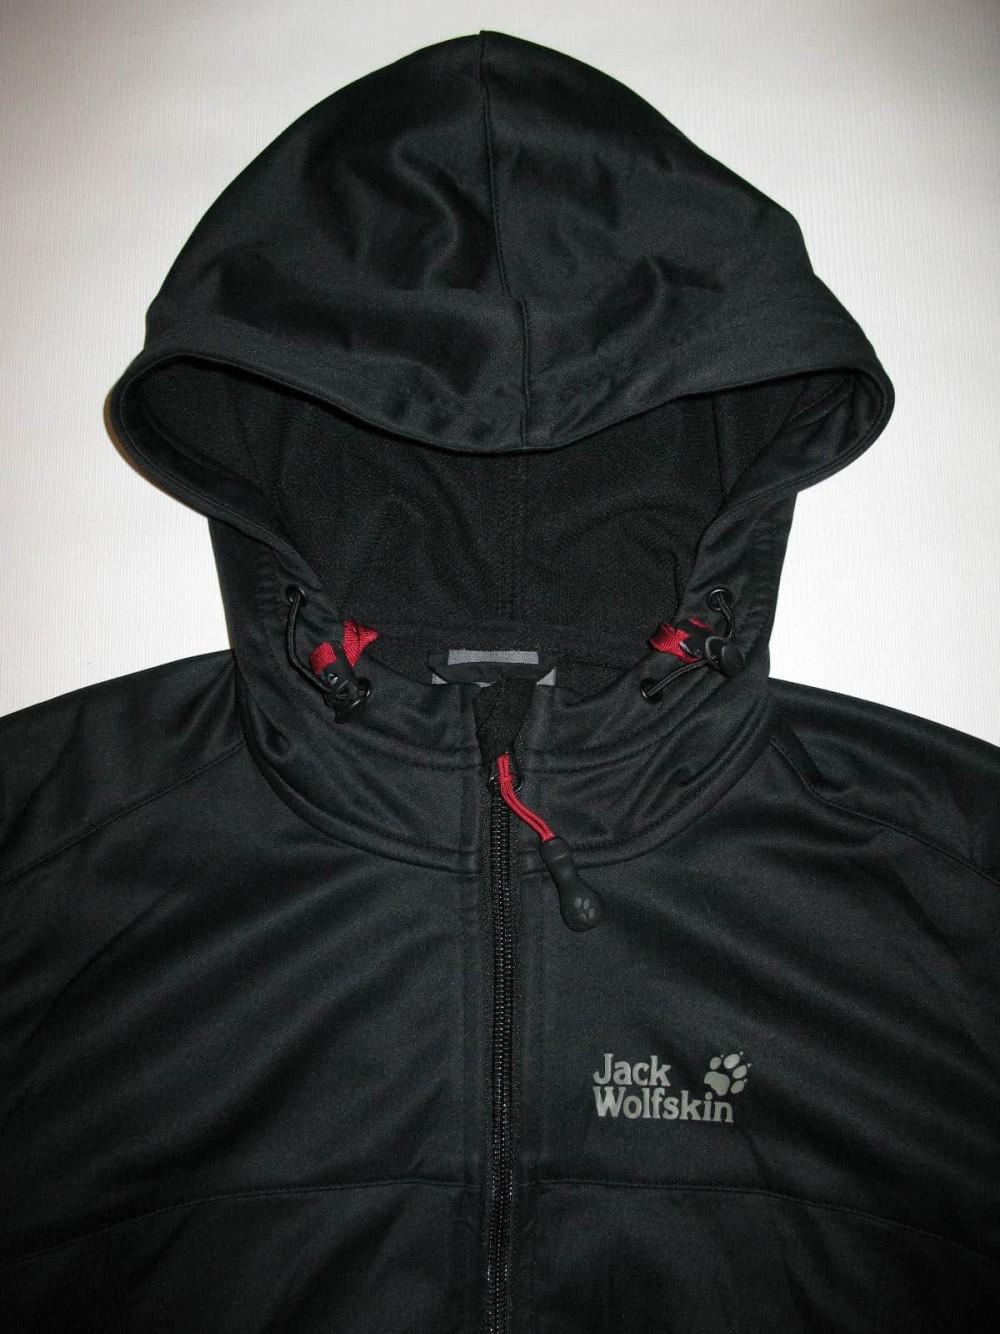 Куртка JACK WOLFSKIN sonic coat lady (размер XS) - 3